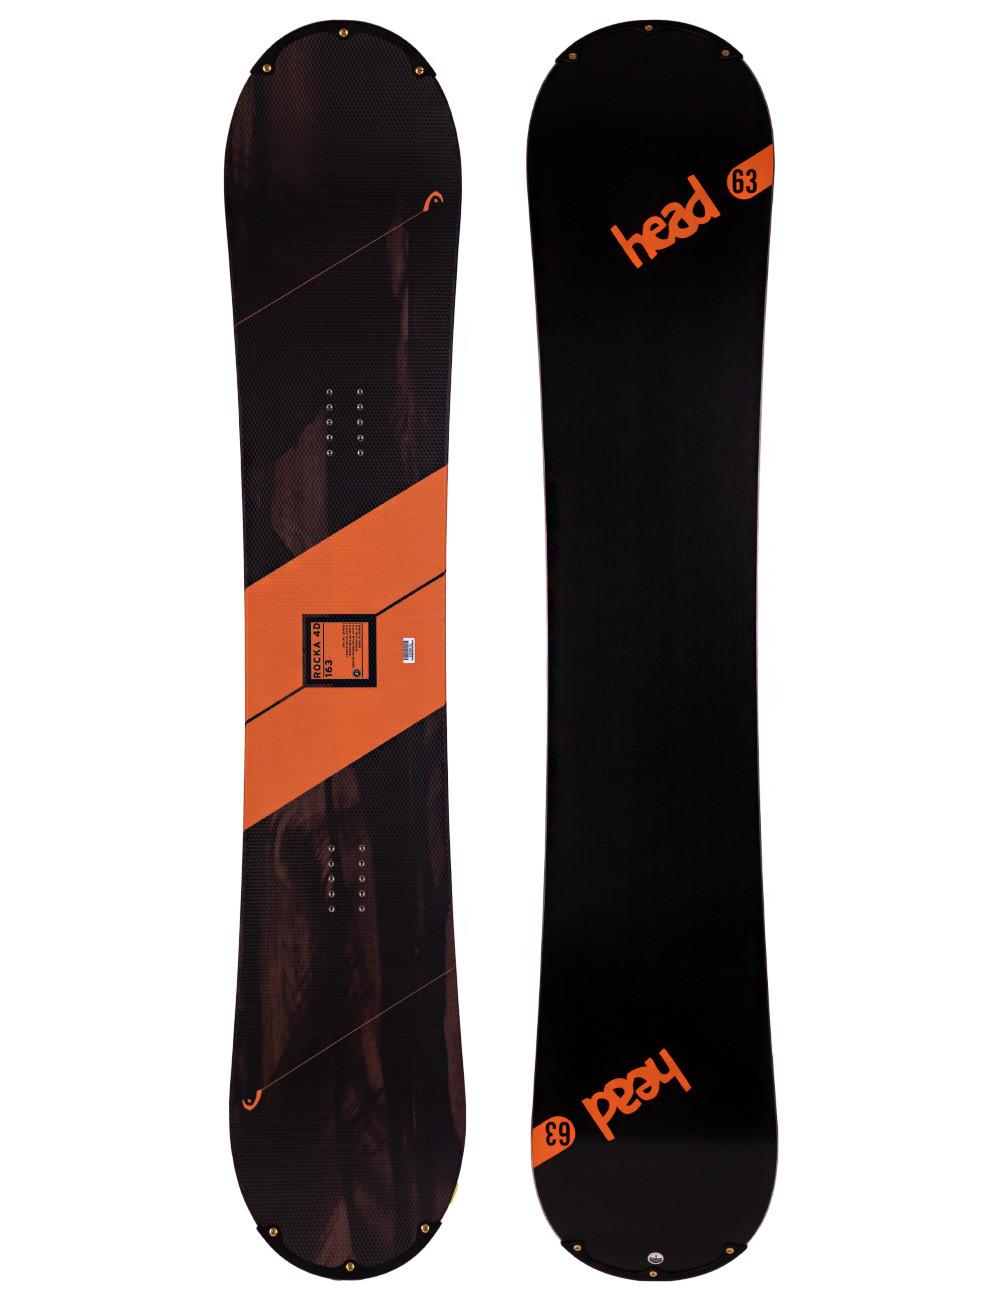 Deska snowboardowa Head Rocka 4D